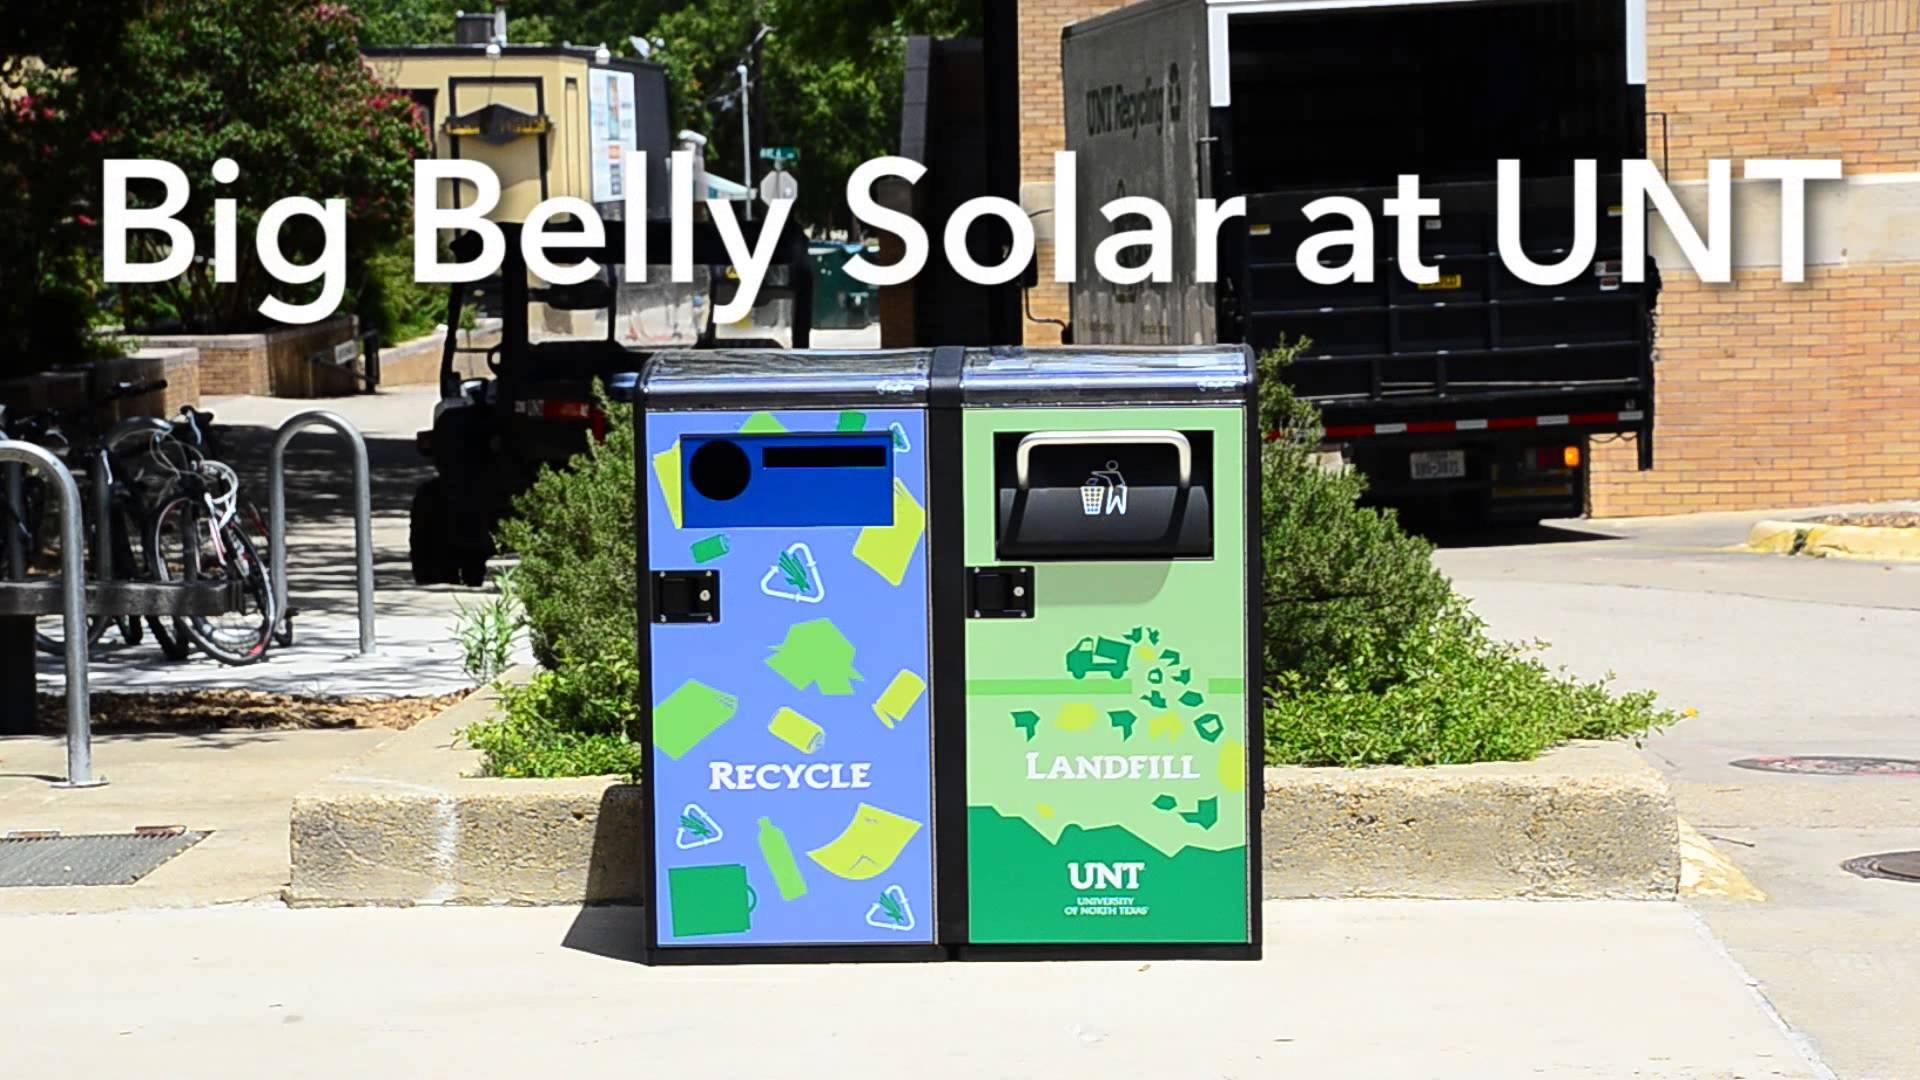 Big Belly Solar